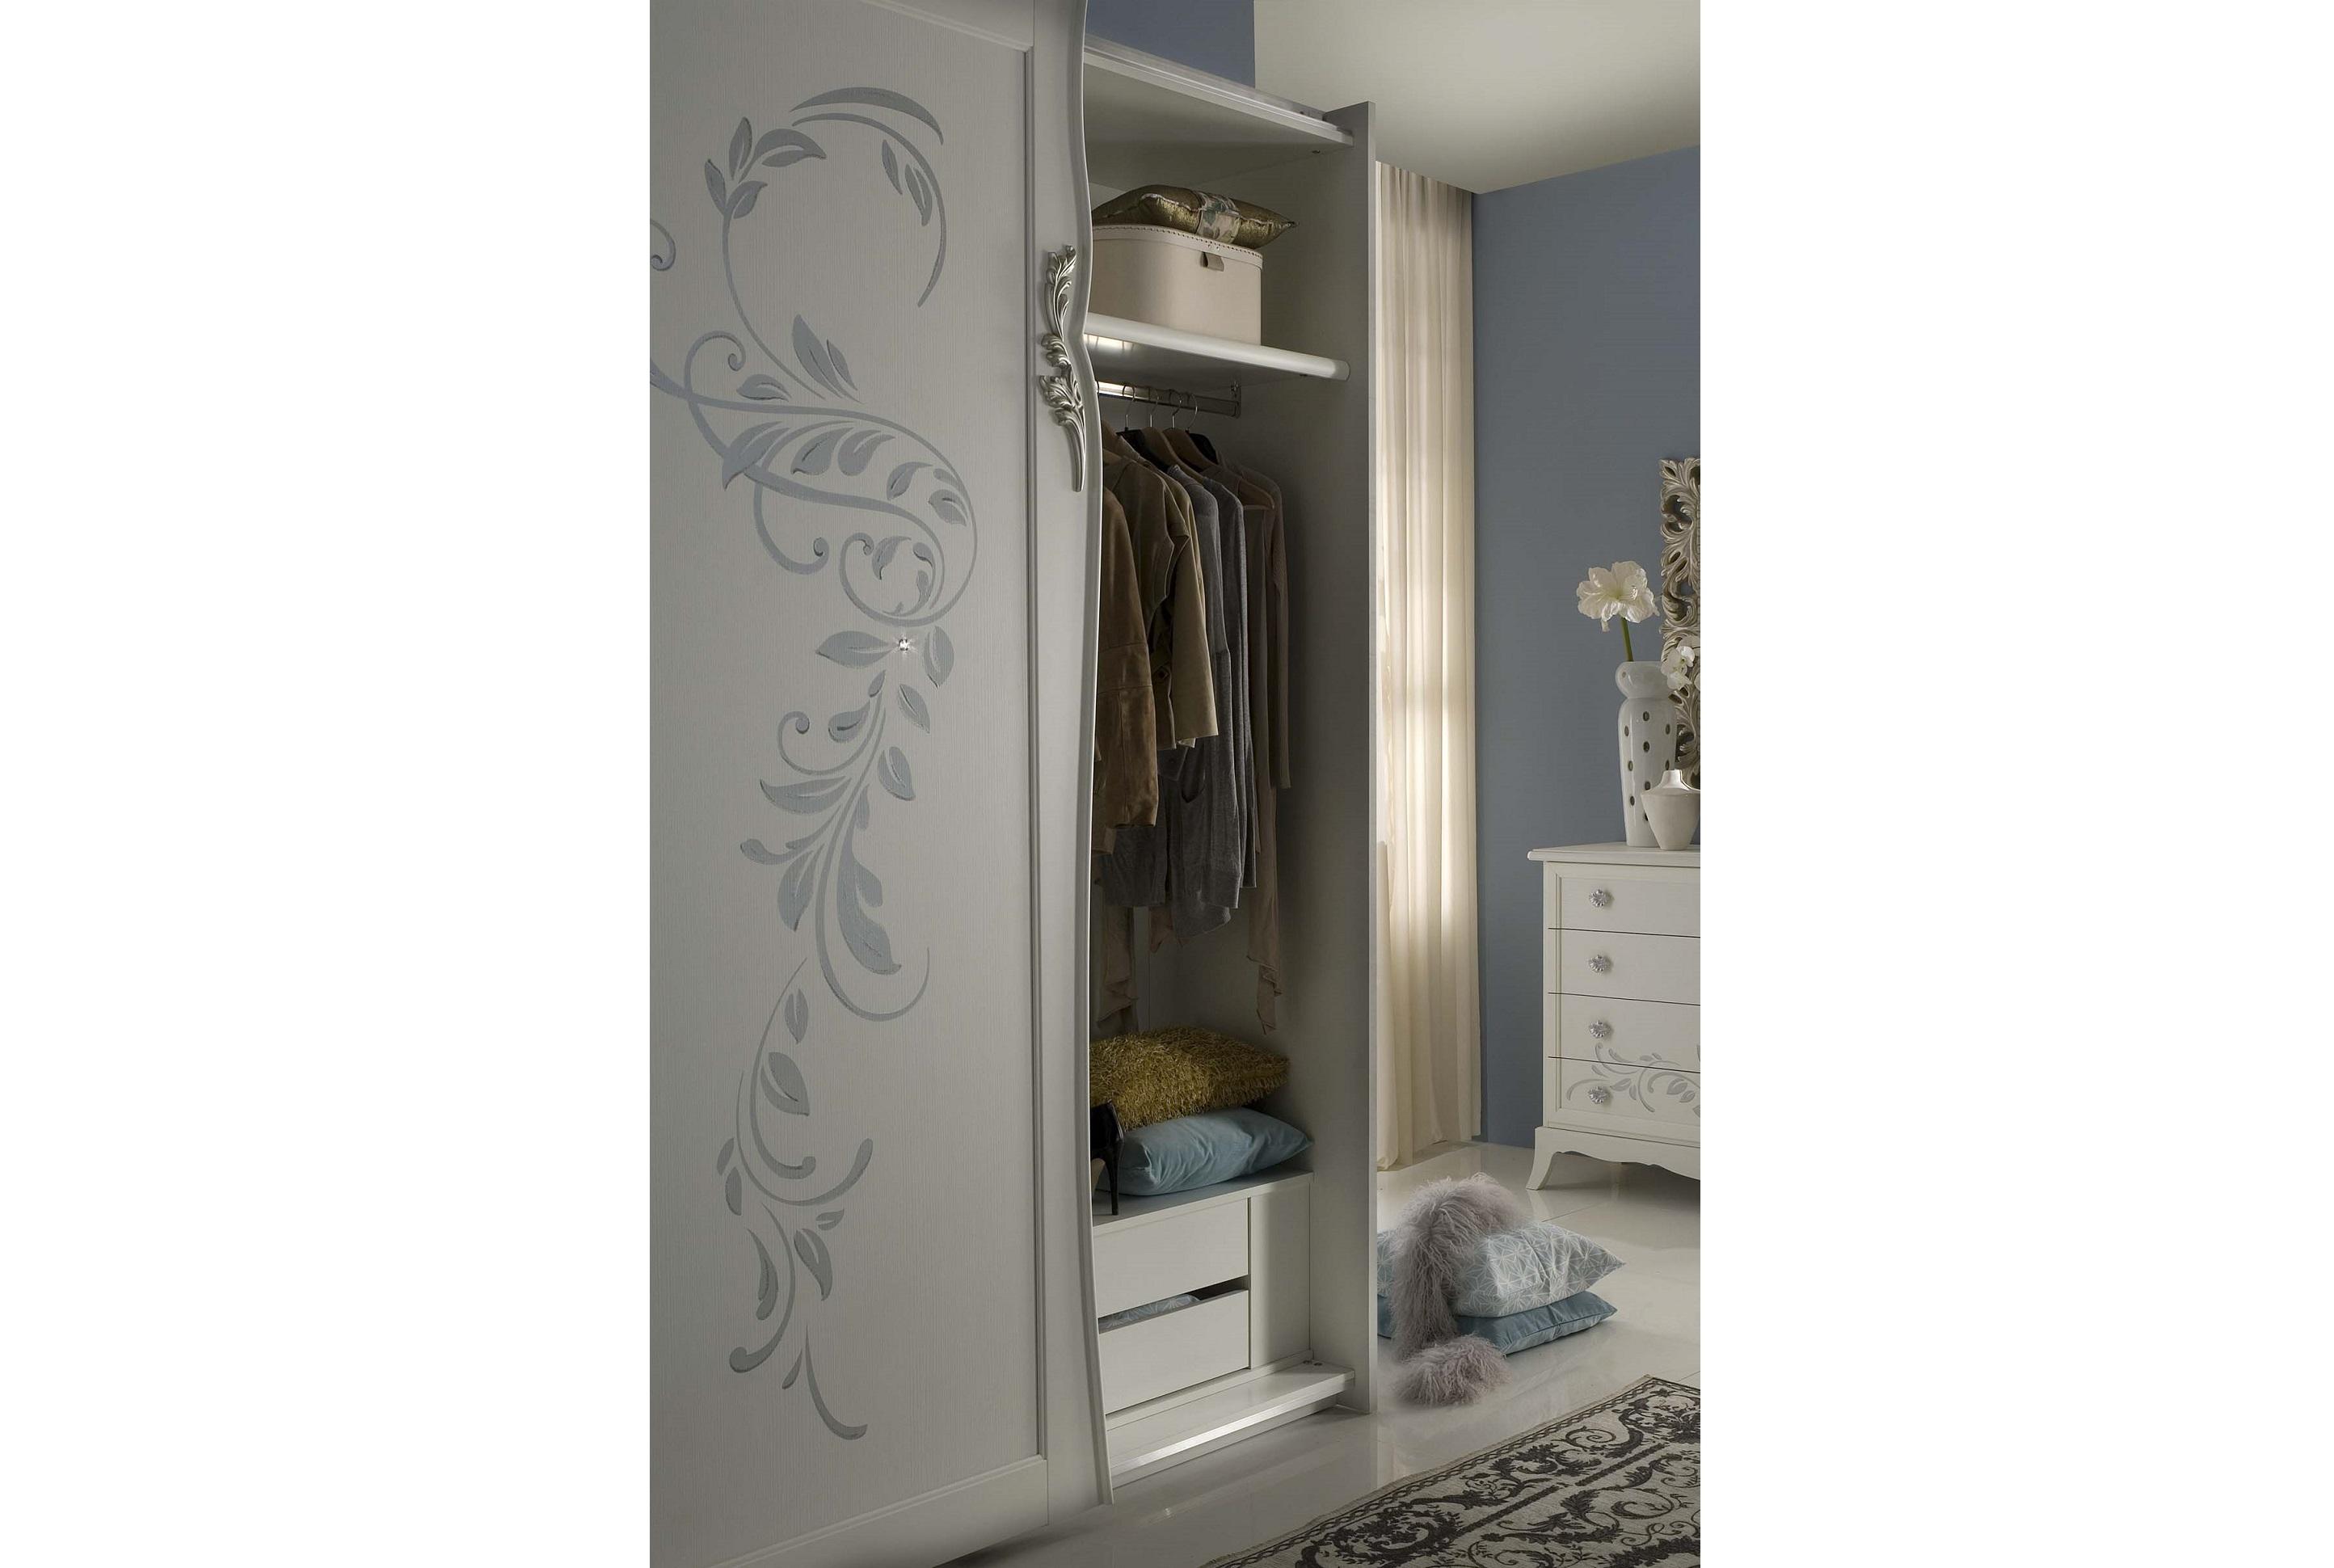 bett cilla weiss creme mit bettkasten stauraum luxus elite itali ca bt160. Black Bedroom Furniture Sets. Home Design Ideas